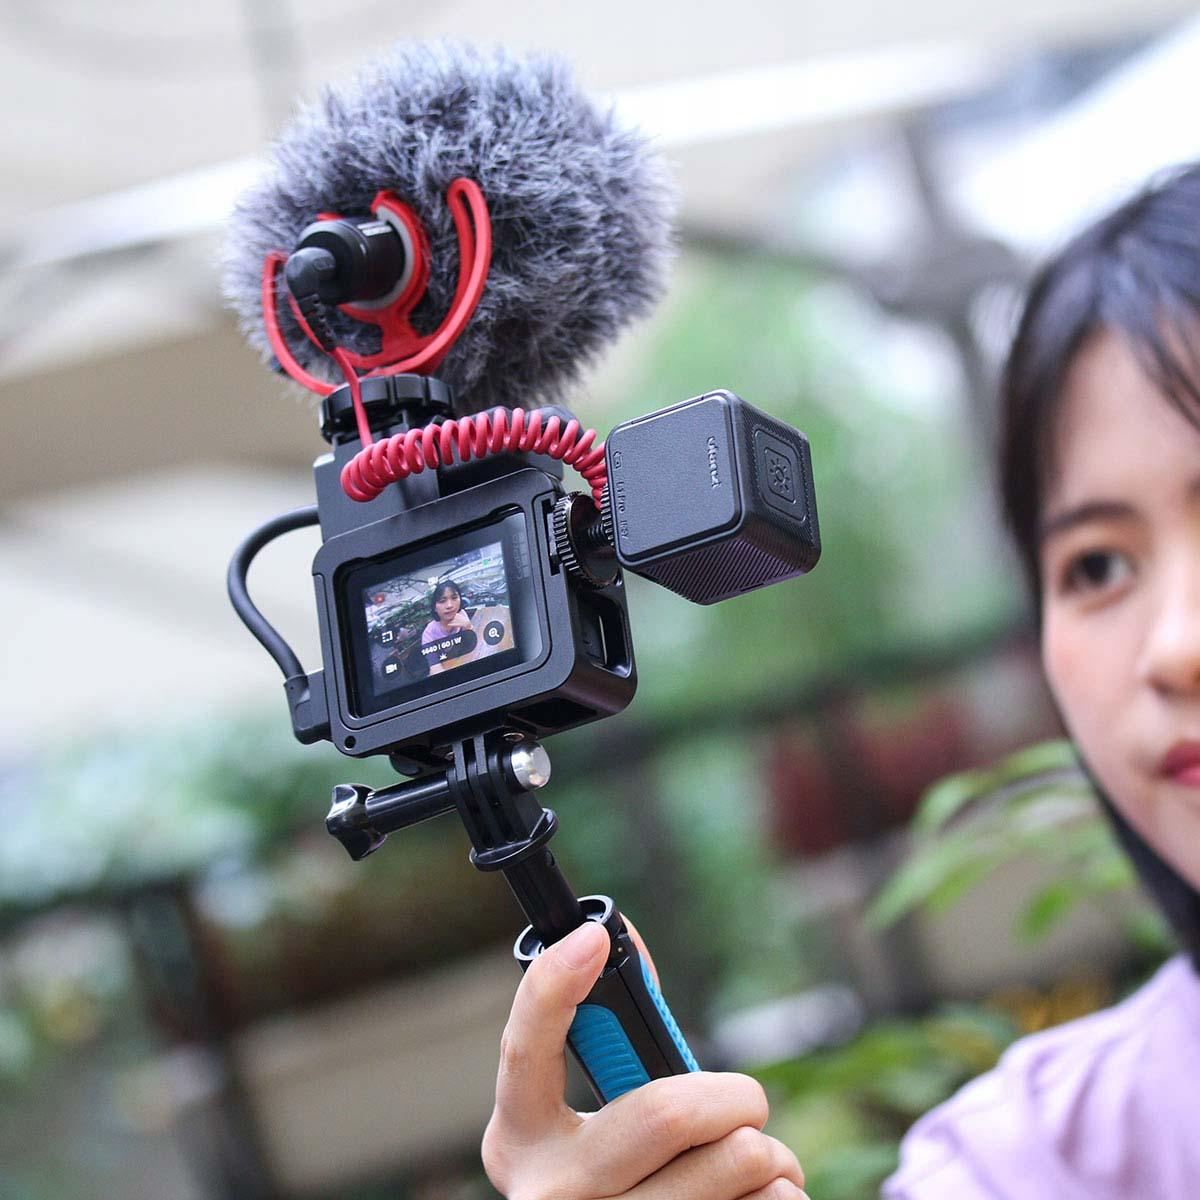 Dostęp do gniazd kamery go pro w obudowie